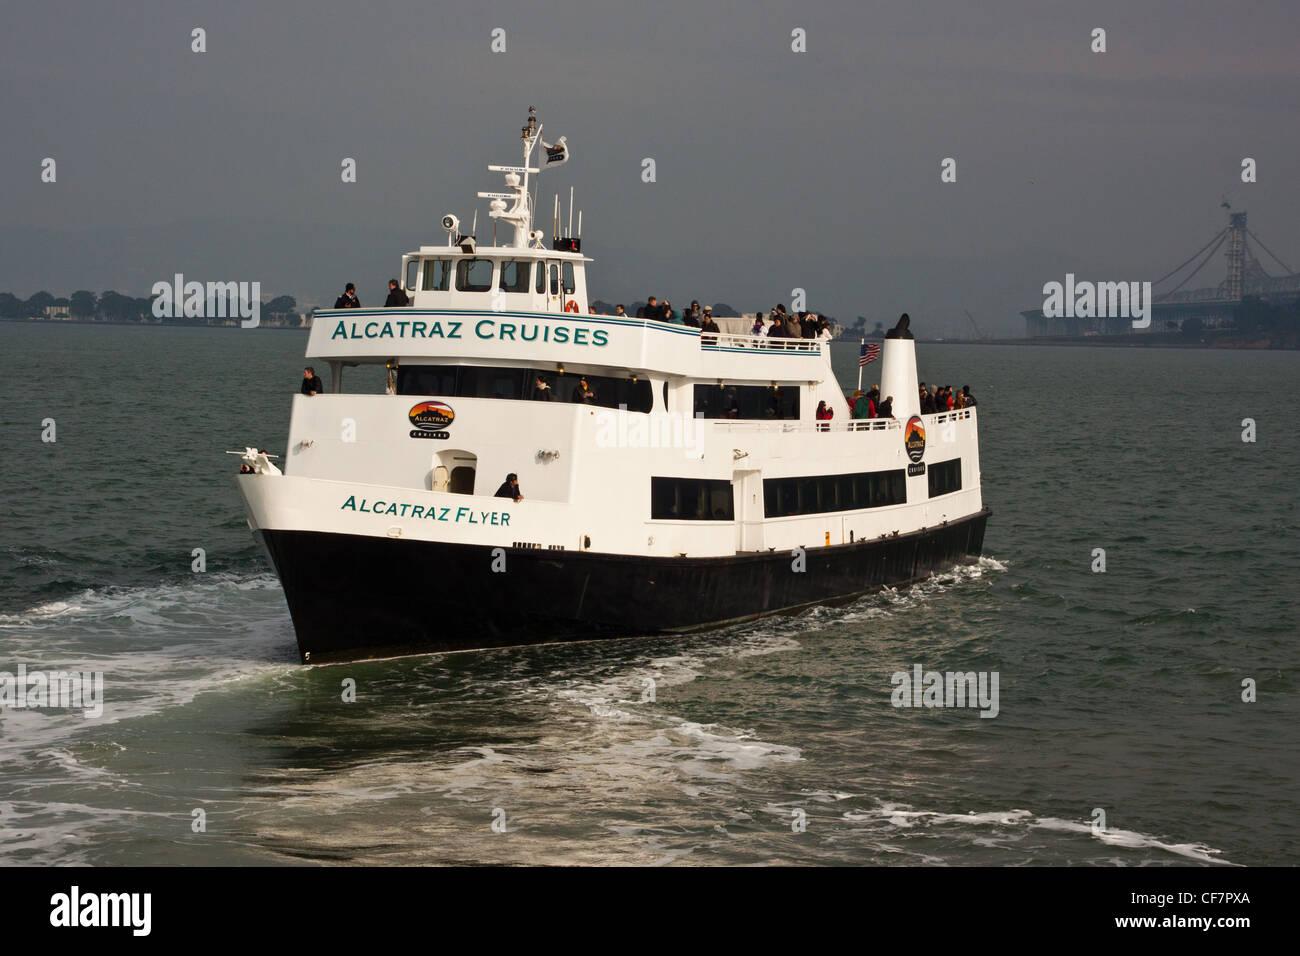 alcatraz ferry boat,alcatraz cruises,san francisco,usa stock photo